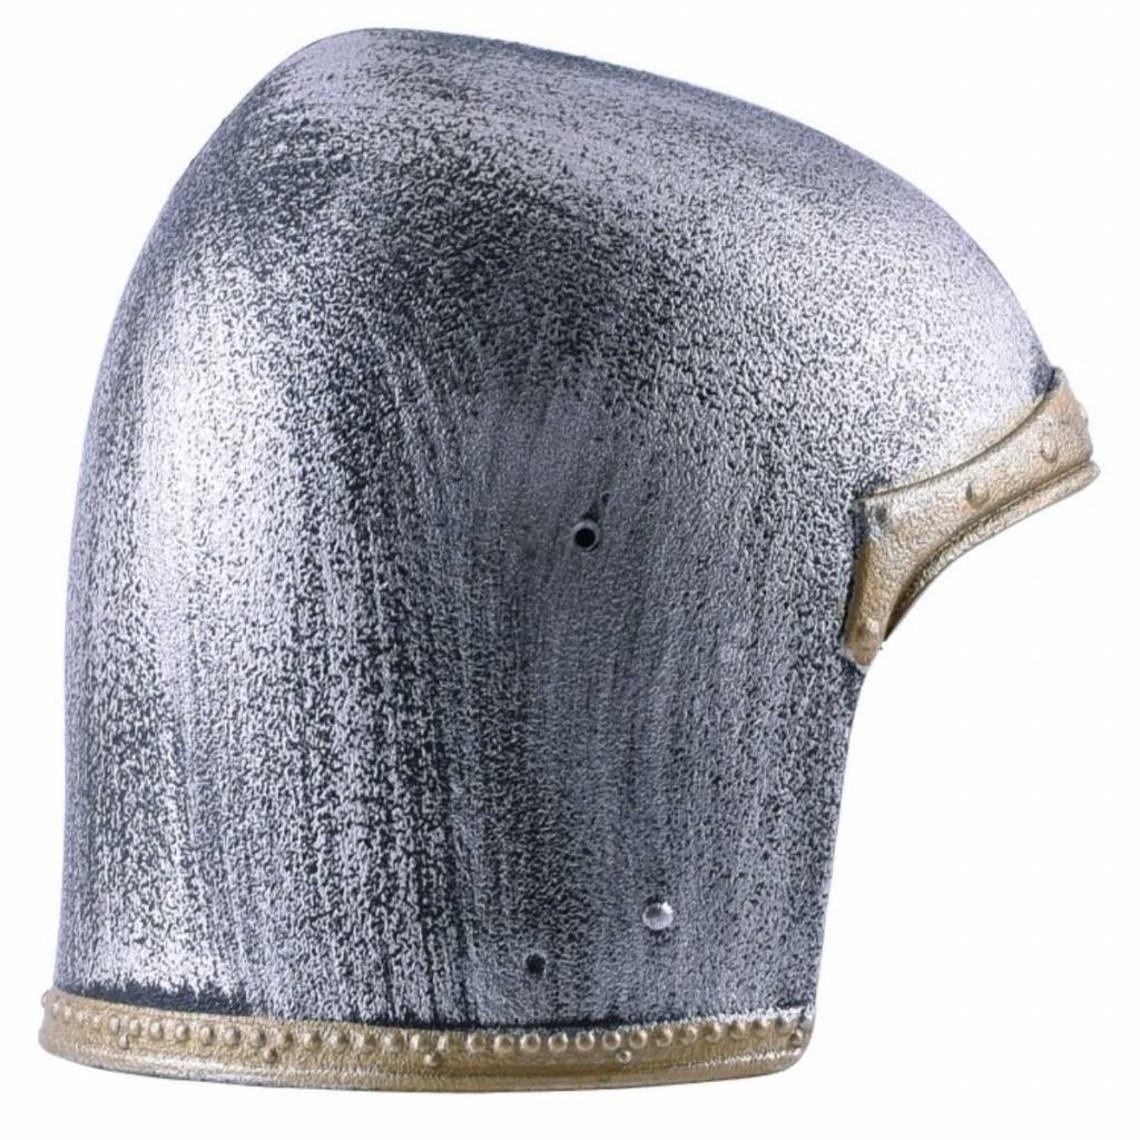 Toy Helm mittelalterlichen Sallet